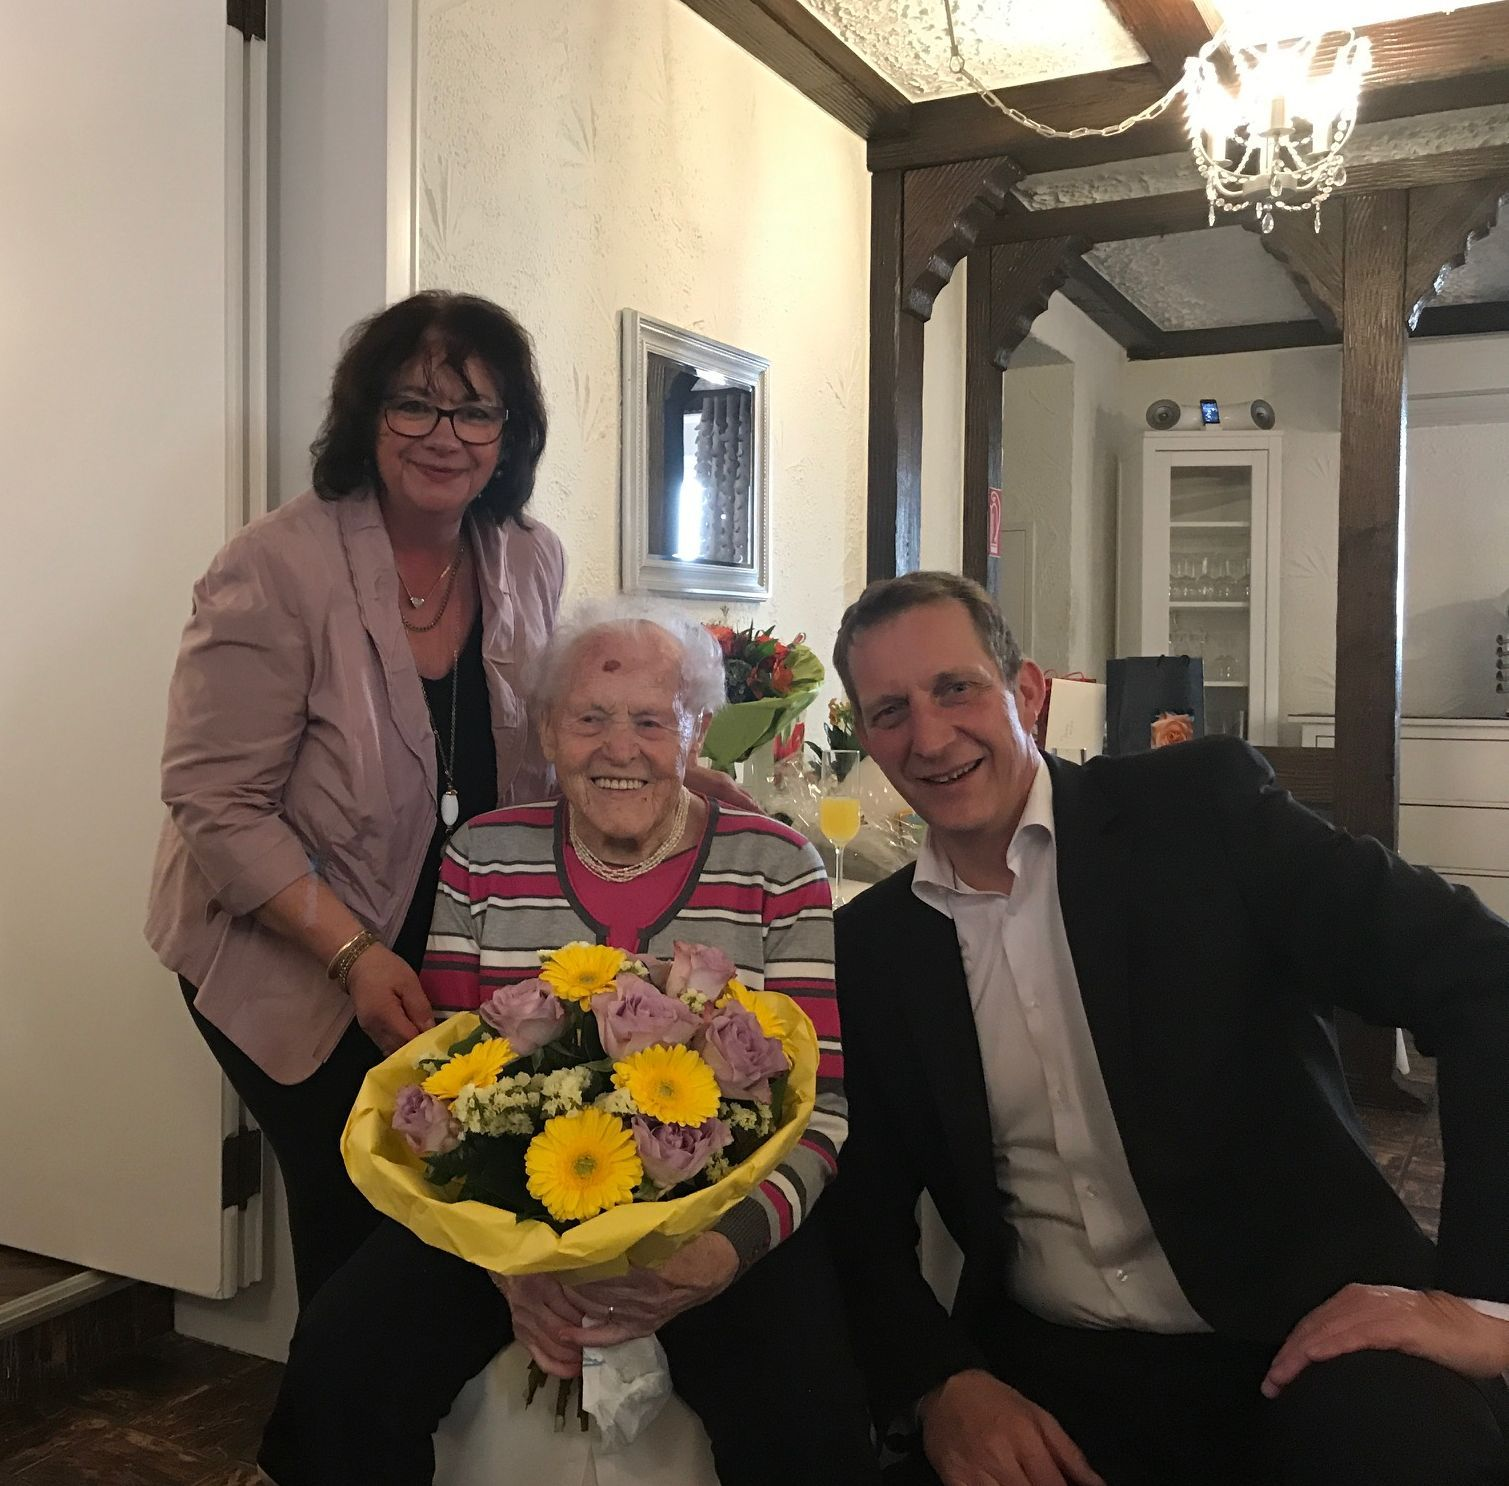 Gertrud Göderz, Rita Hirsch Bürgermeisterin Ochtendung, Maximilian Mumm Bürgermeister gratulation 100 Geburtstag